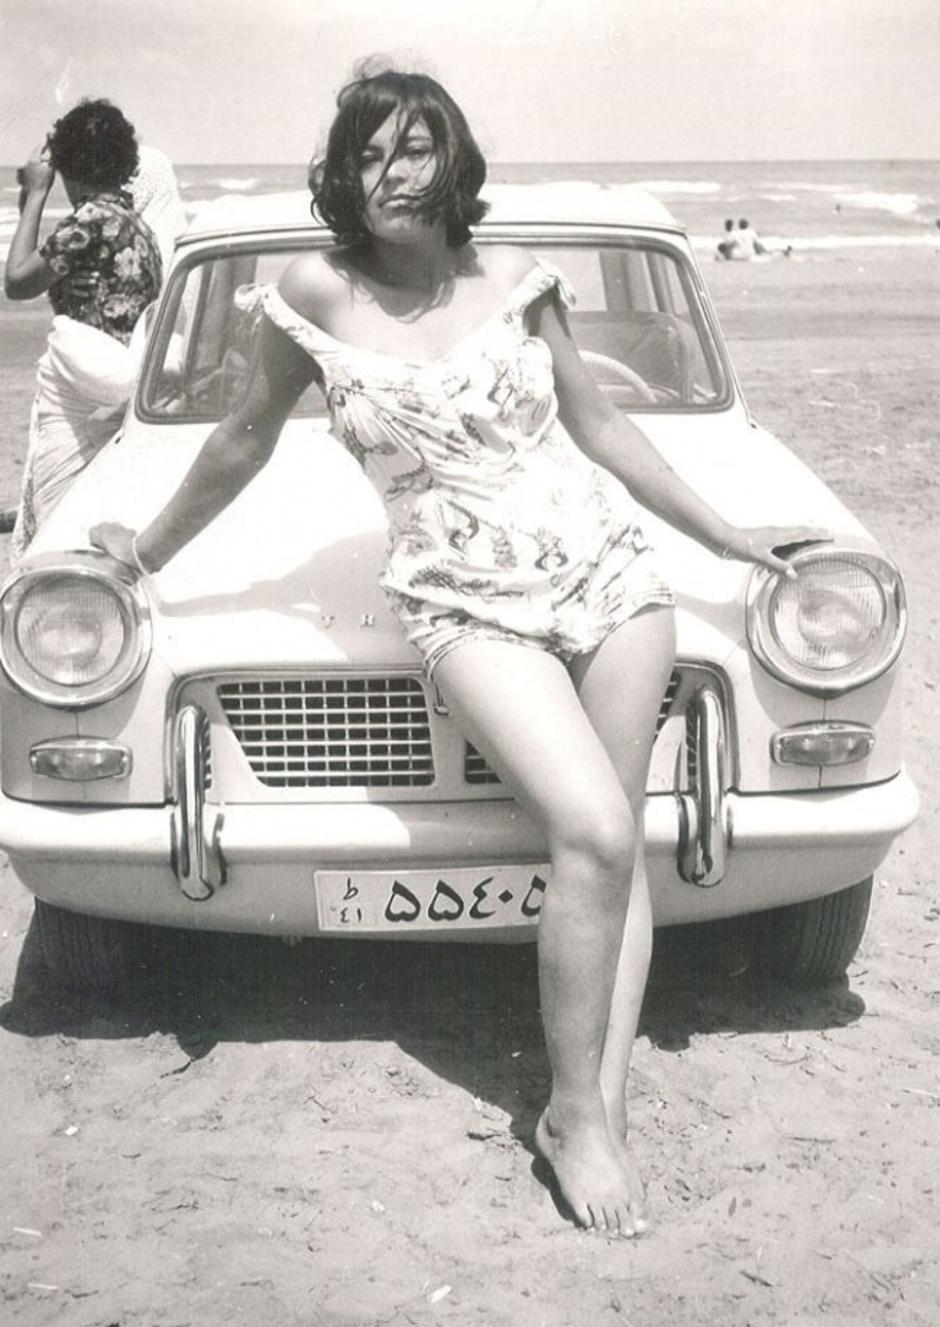 Rijetke fotografije iz prošlosto | Author: Imgur